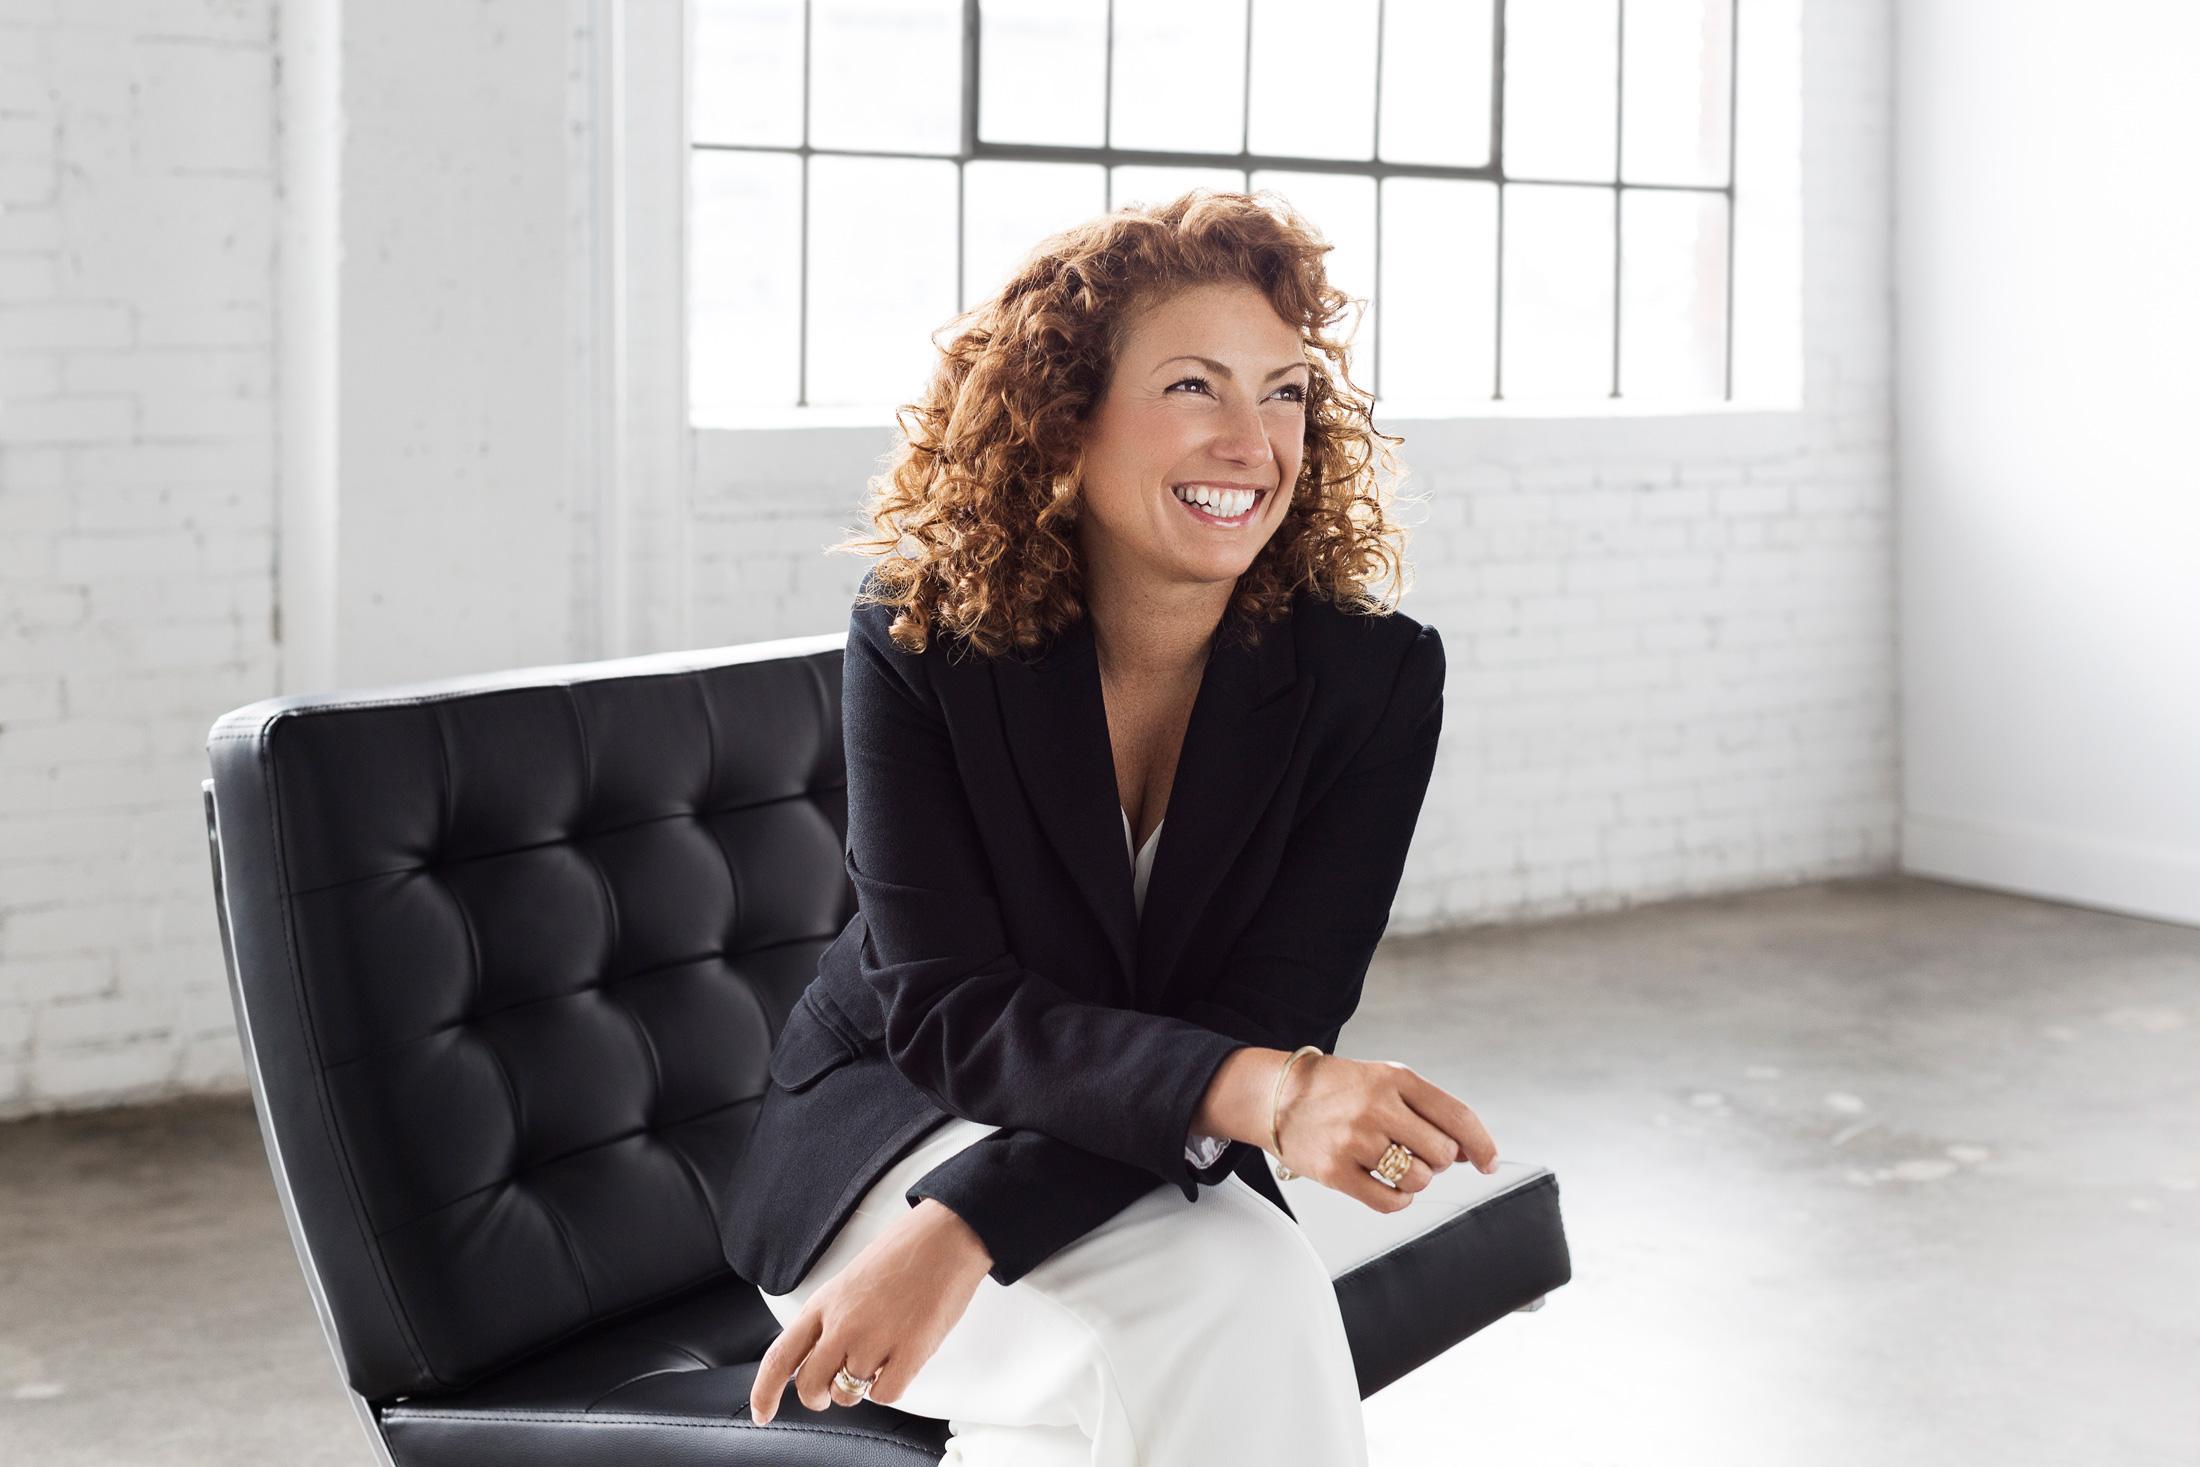 portrait femme assise souriante mur brique blanche